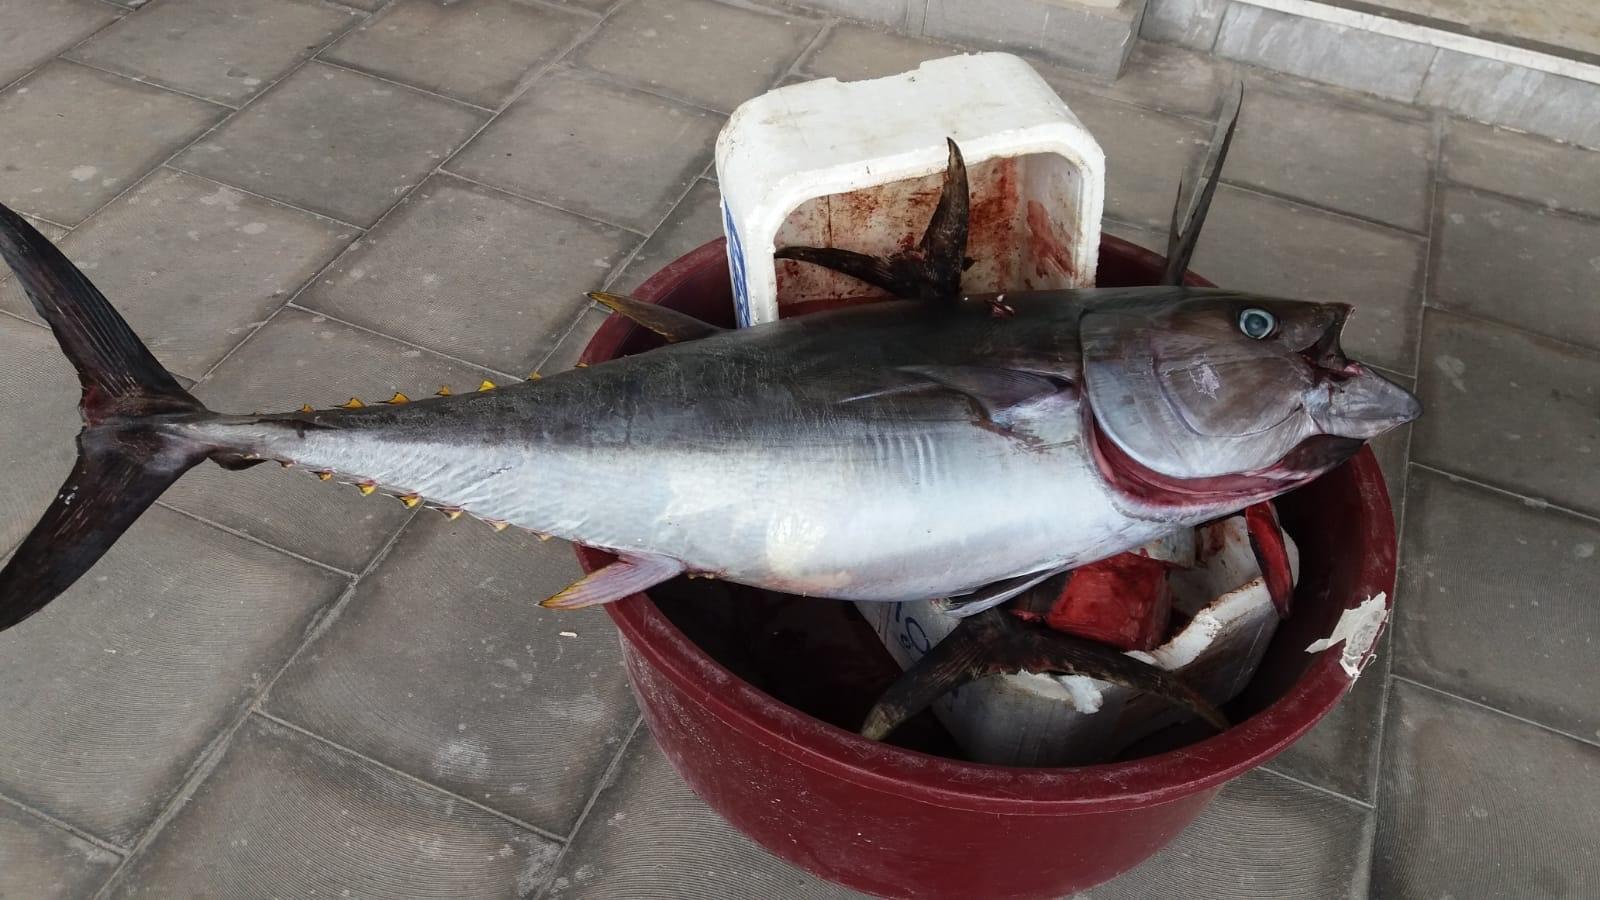 Siringa nello stomaco di un tonno di 10 kg